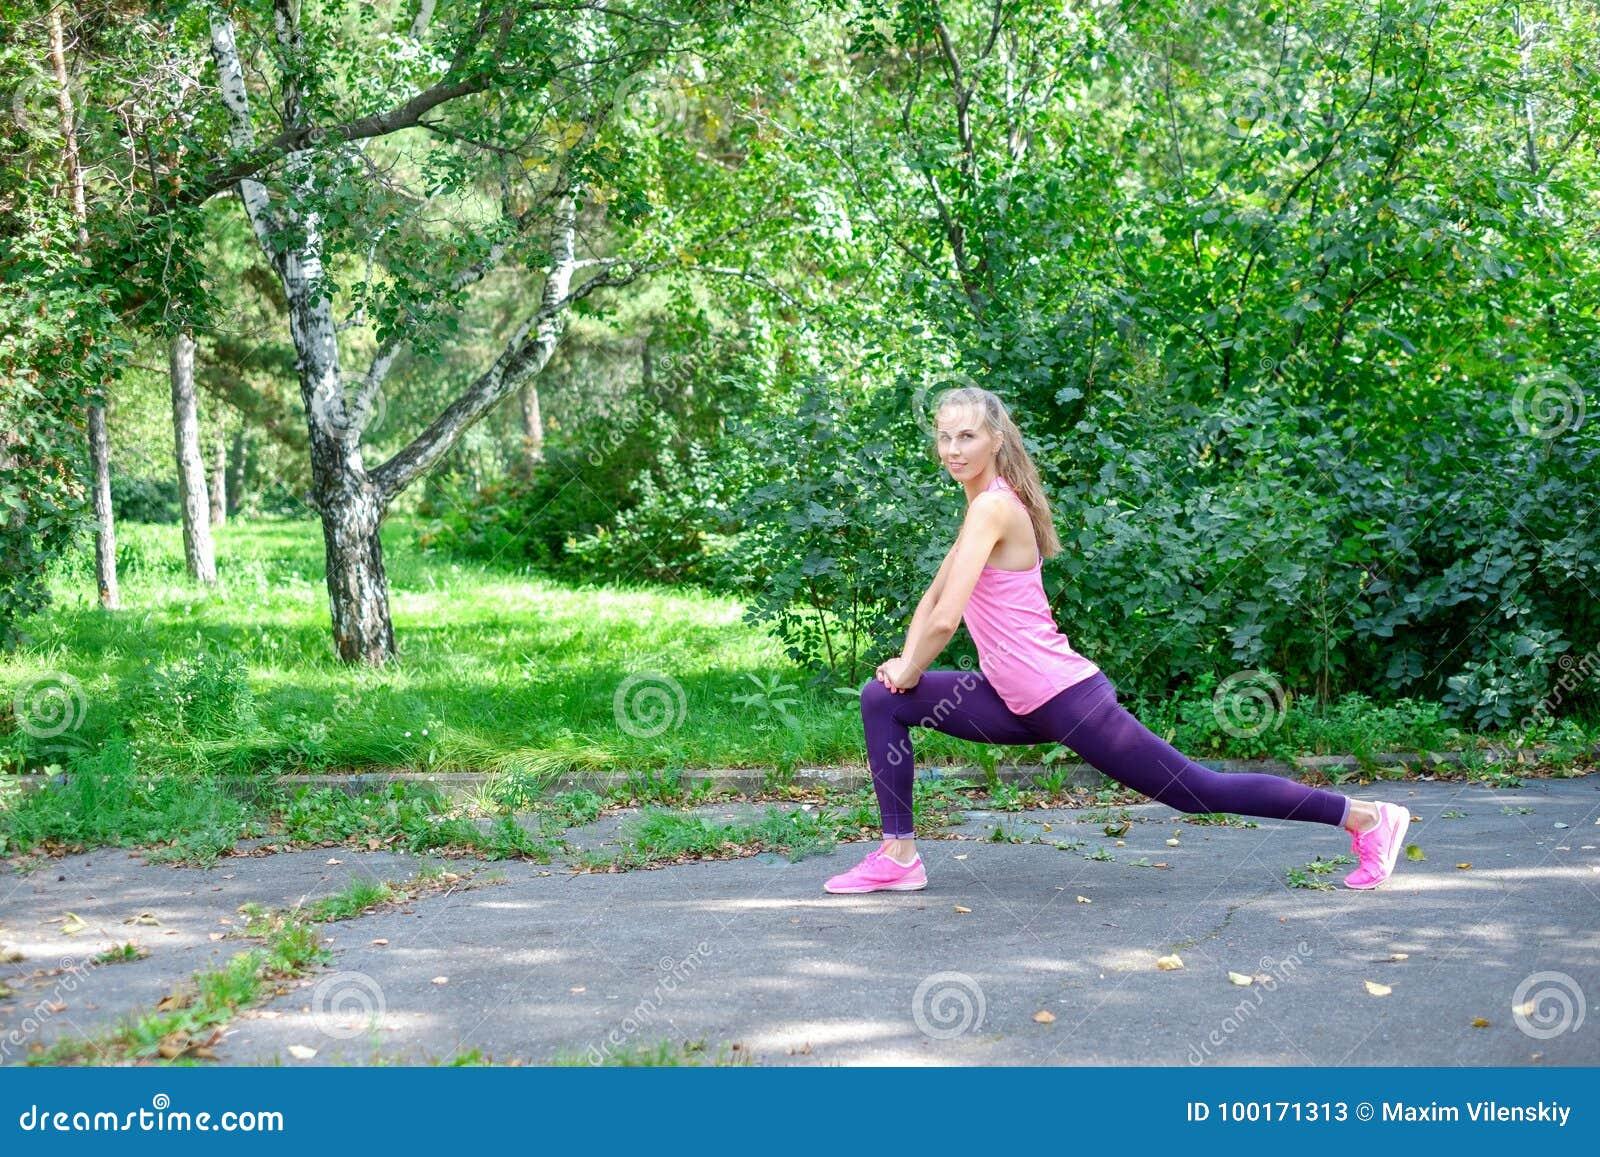 O retrato da mulher desportiva que faz o esticão exercita no parque antes de treinar Atleta fêmea que prepara-se para movimentar-